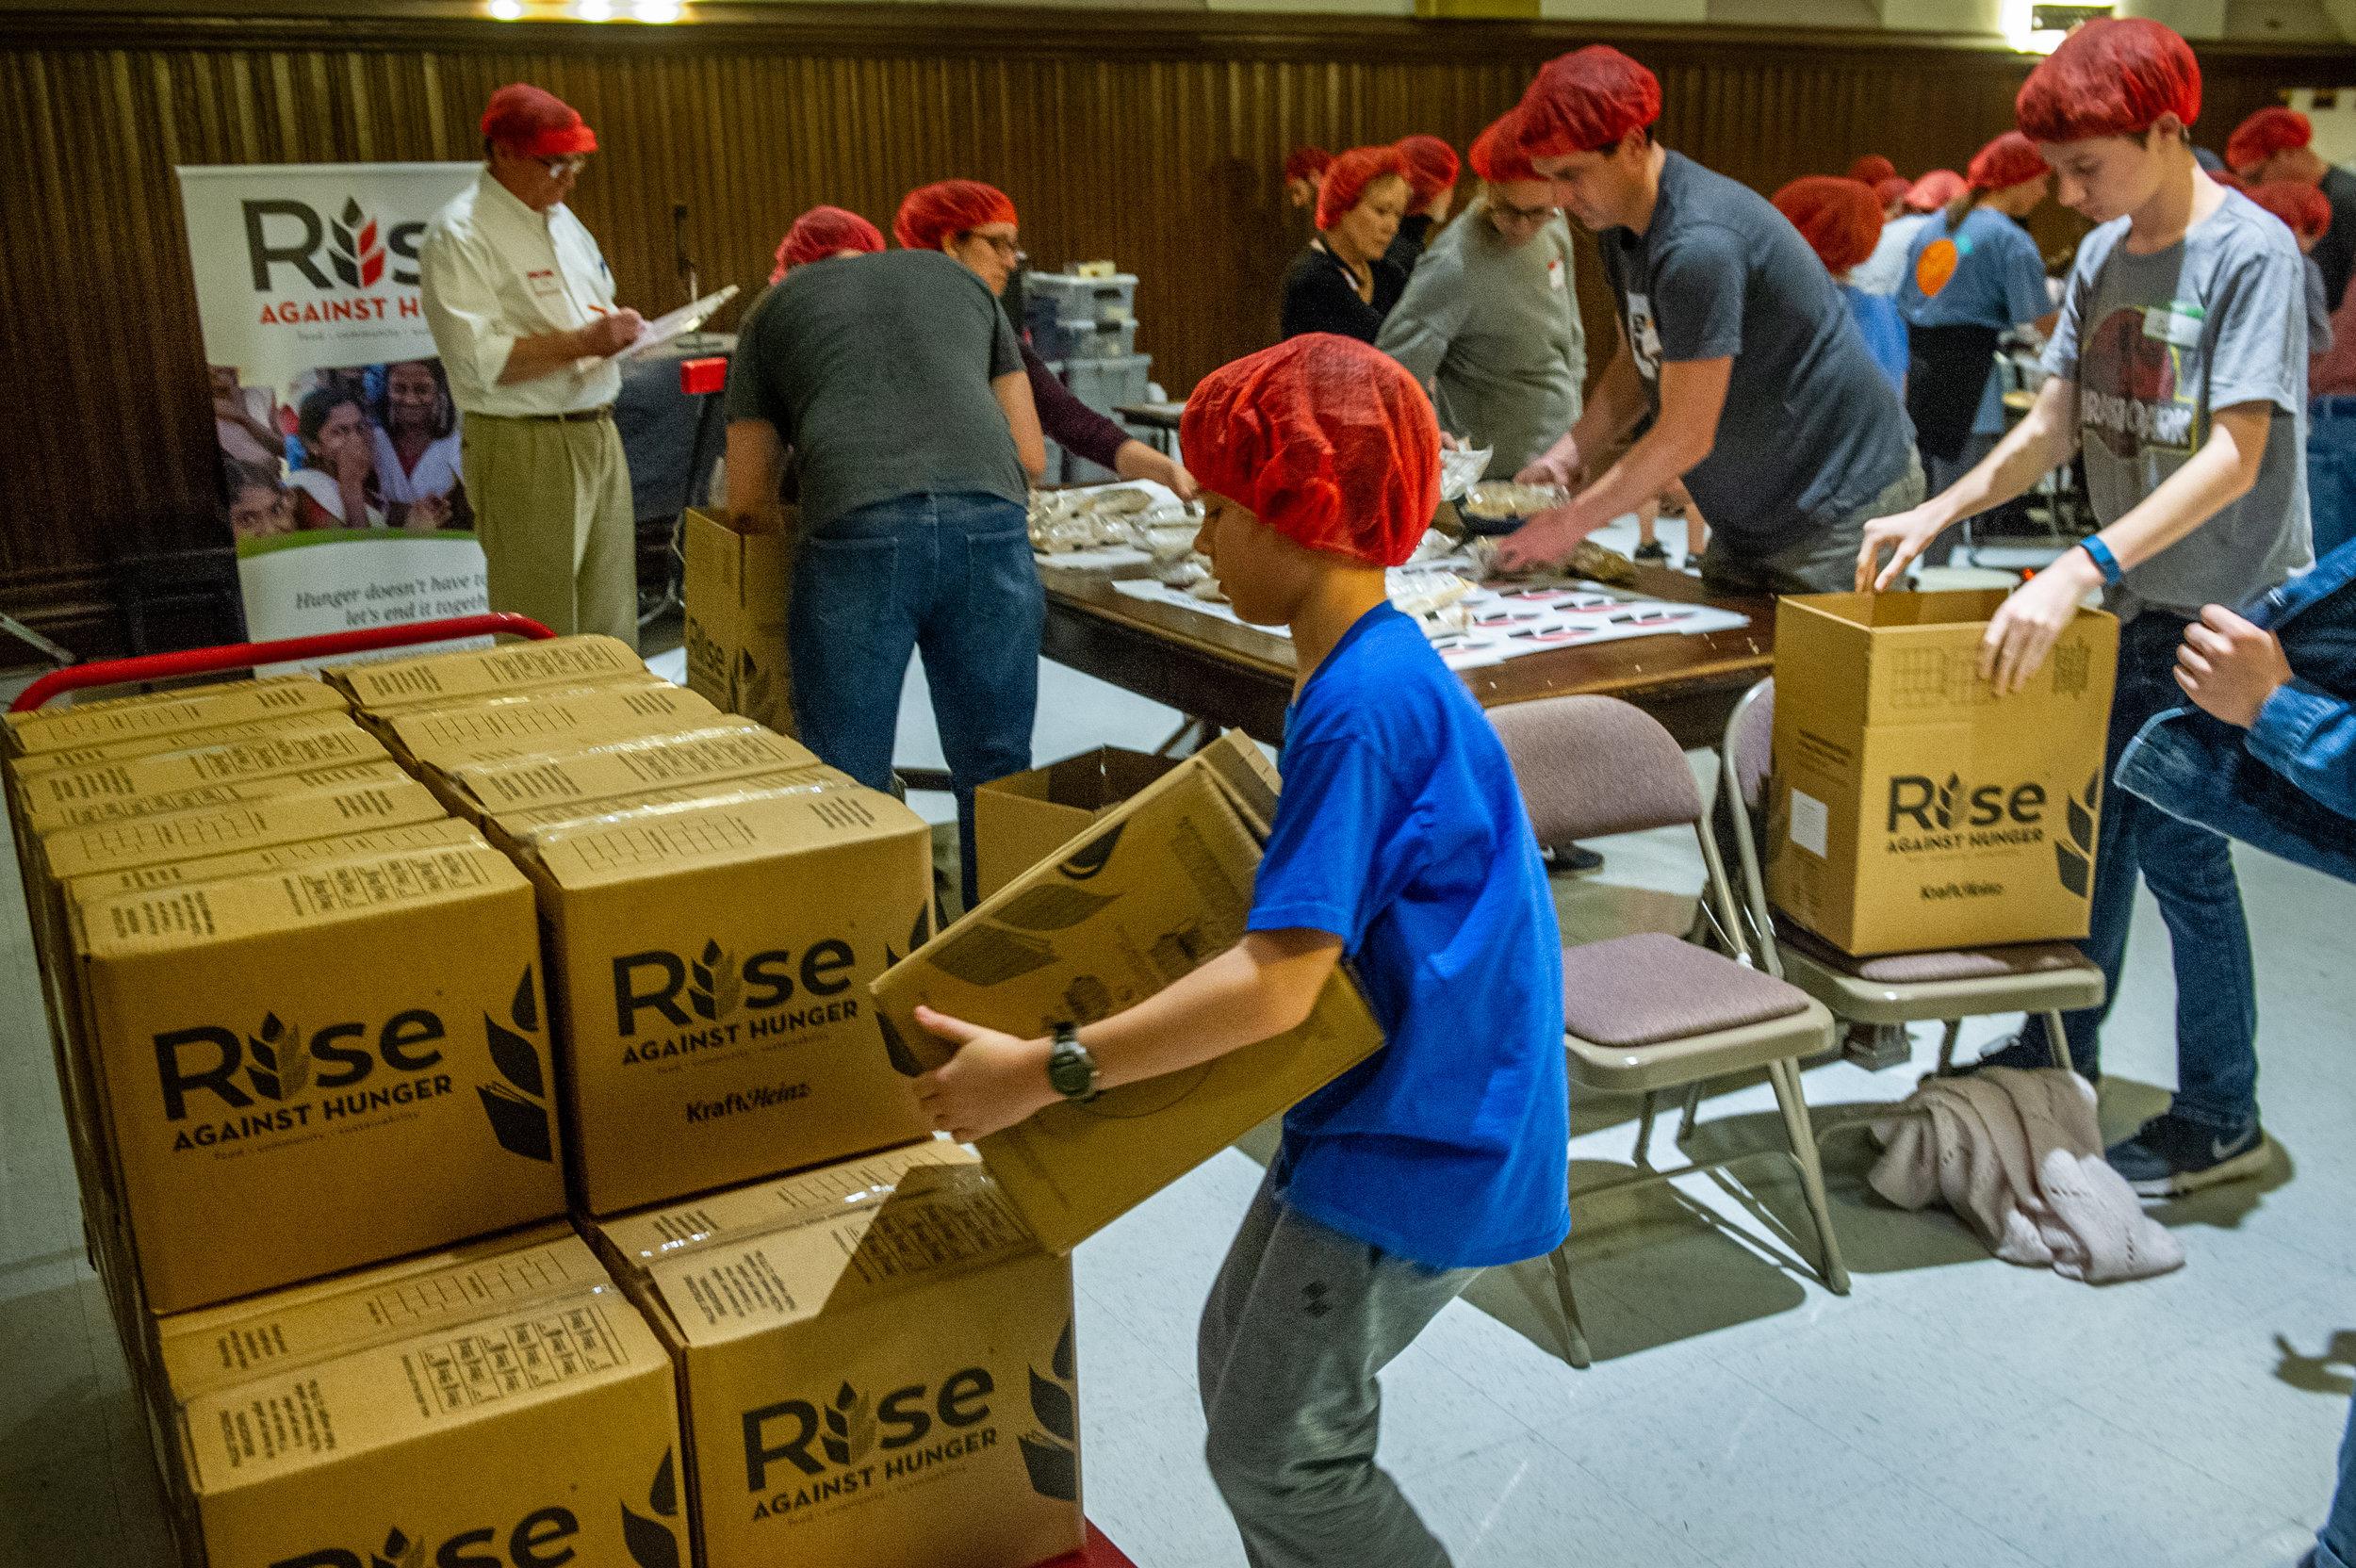 rise-against-hunger-038_44140478980_o.jpg